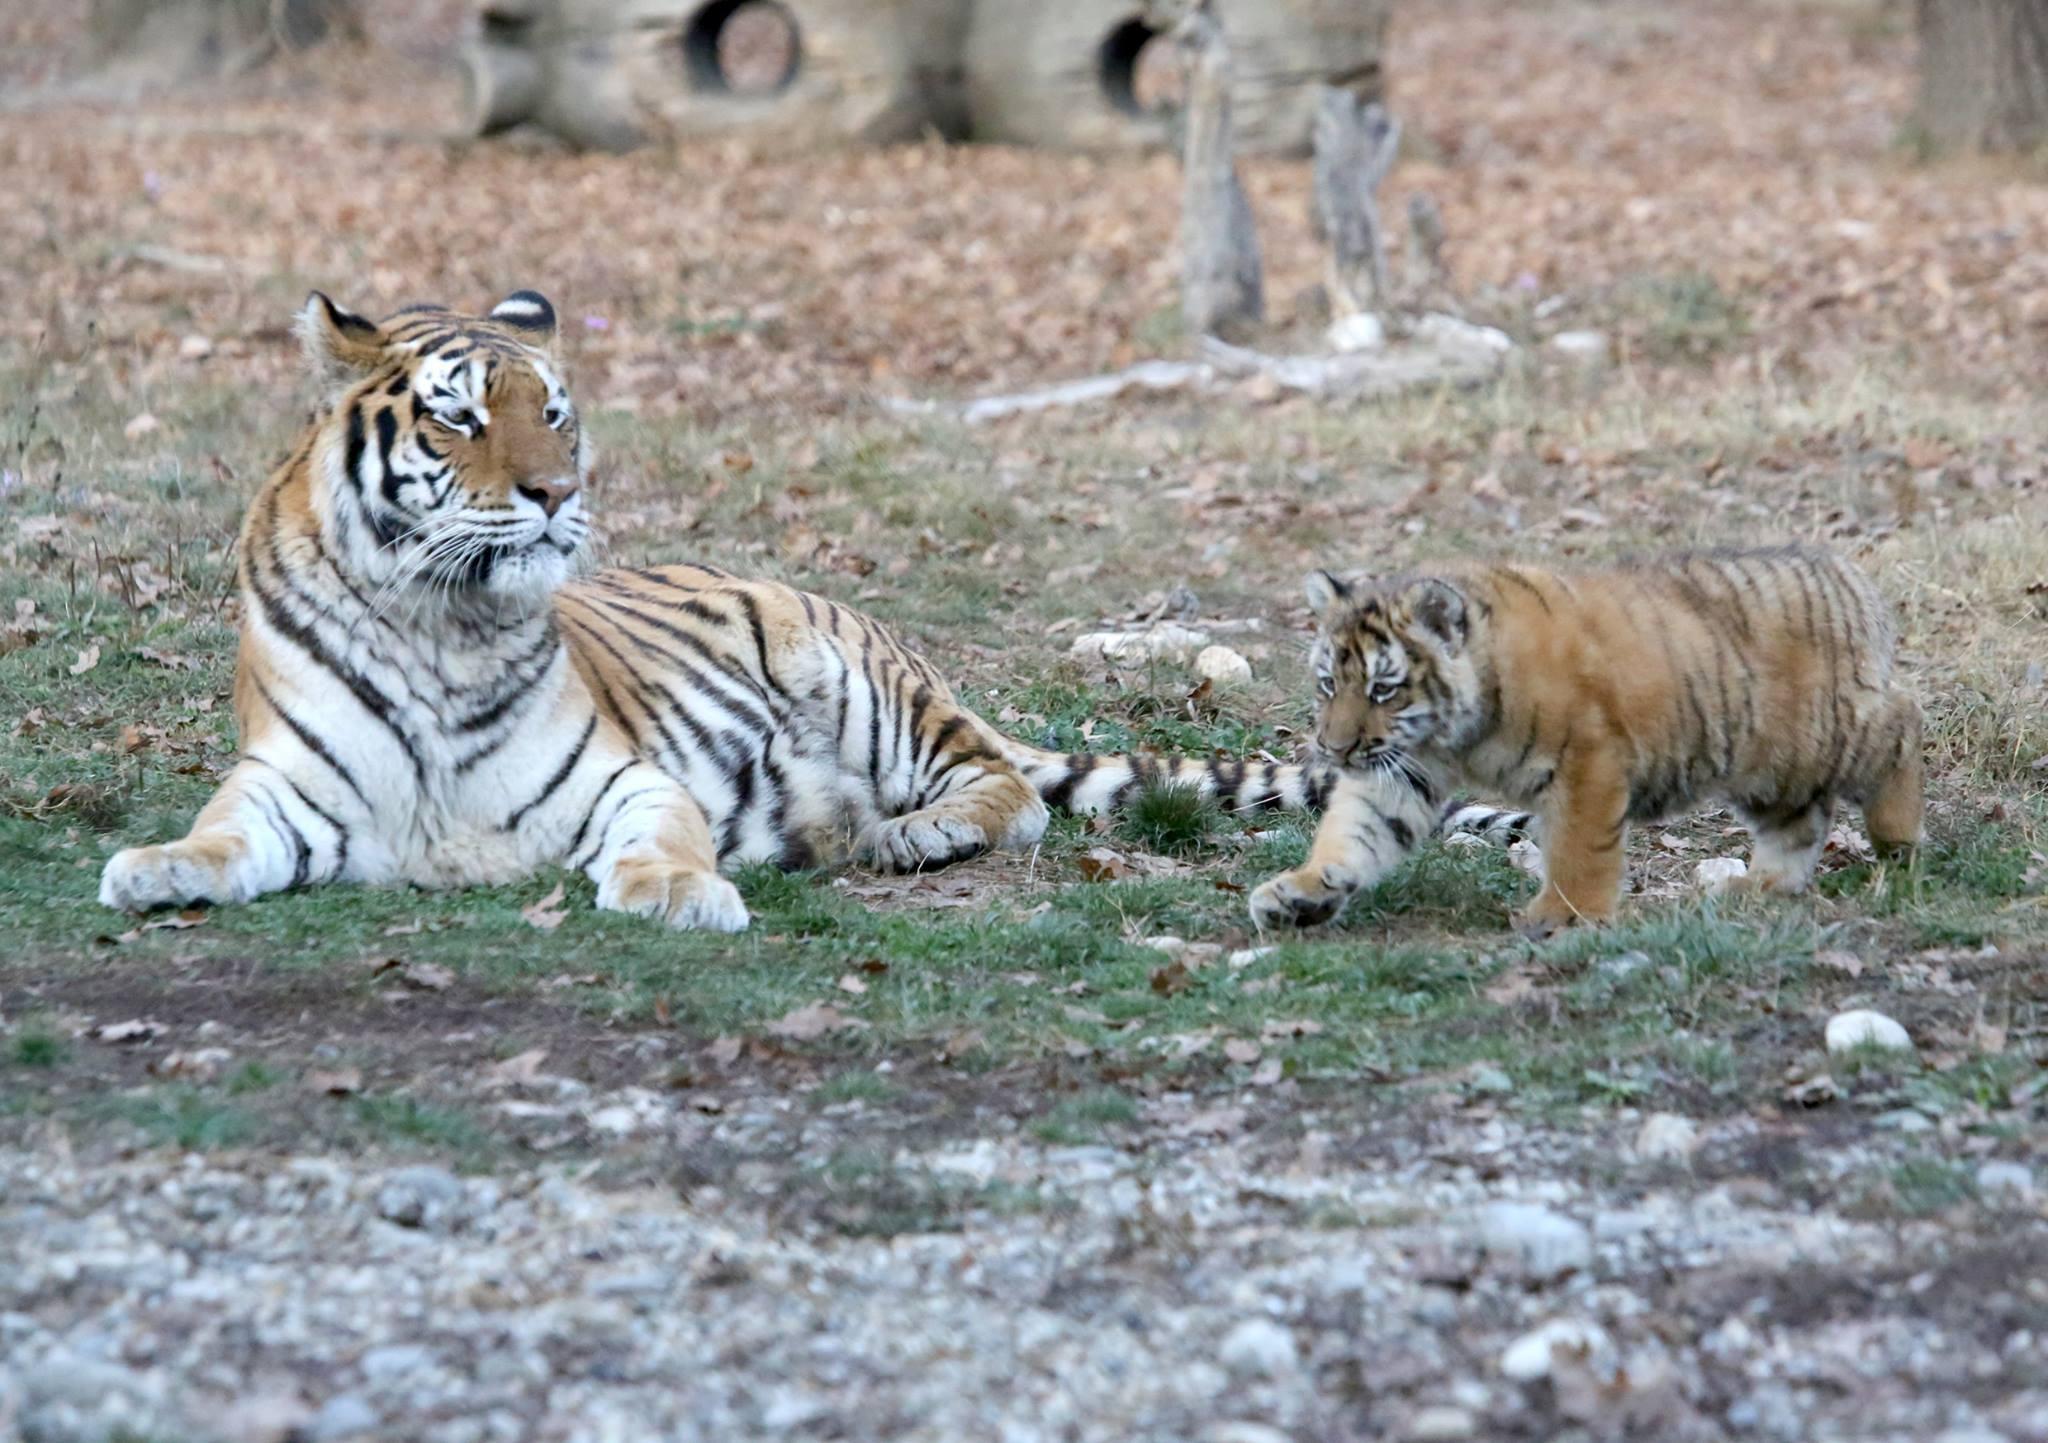 Puiul de tigru născut prematur la Grădina Zoologică din Piteşti